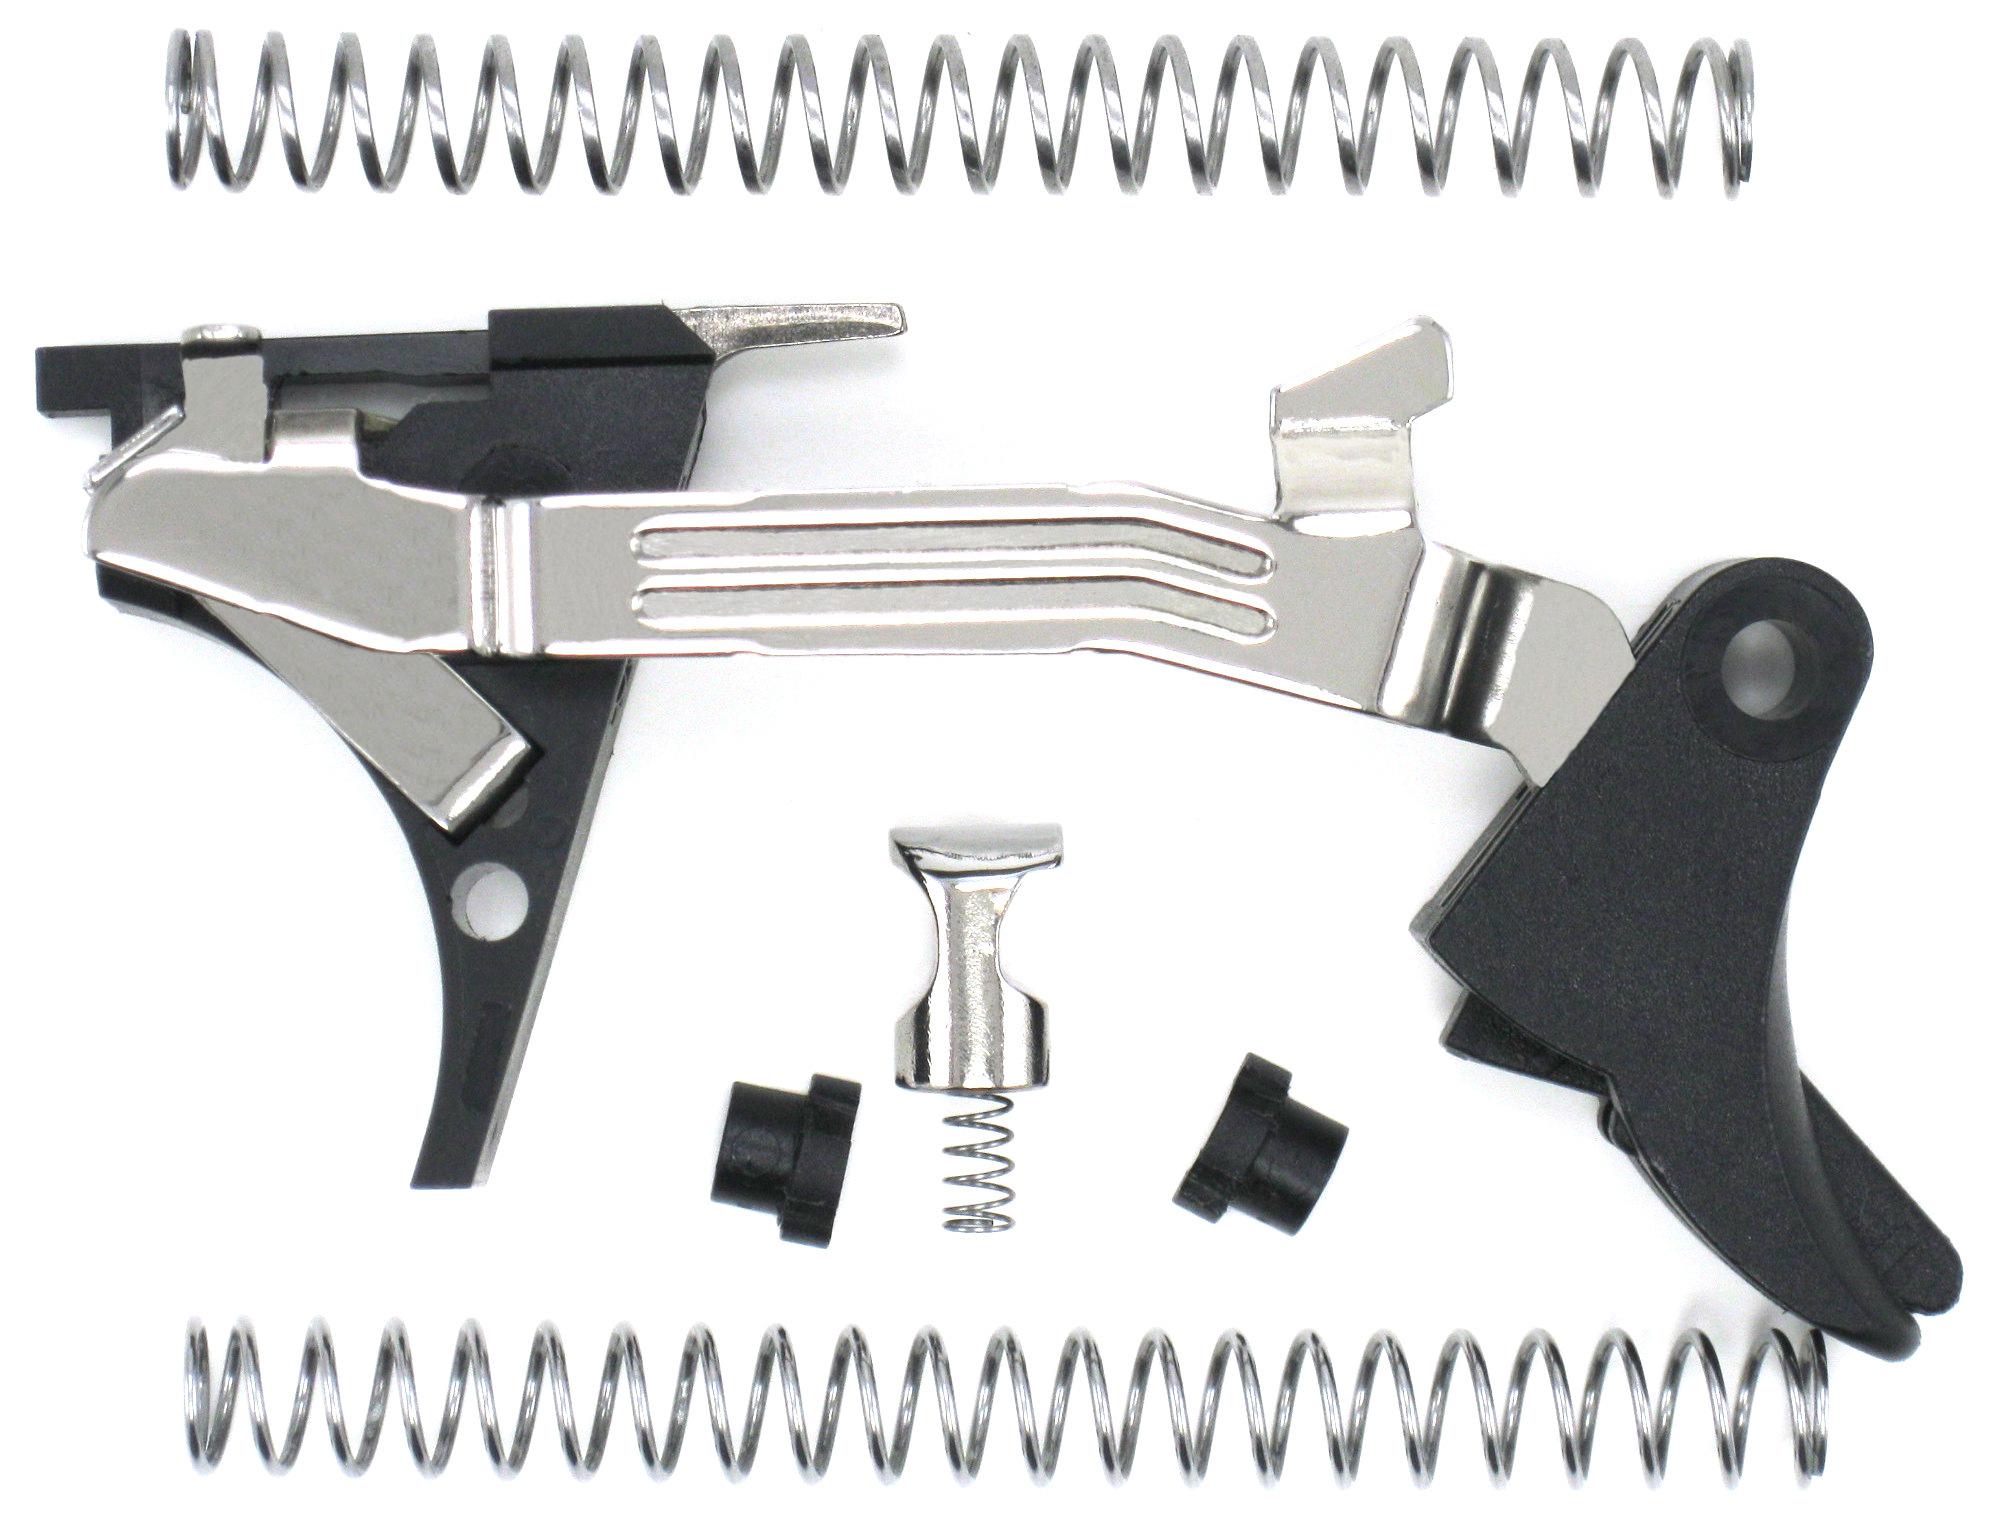 Slimline trigger kit